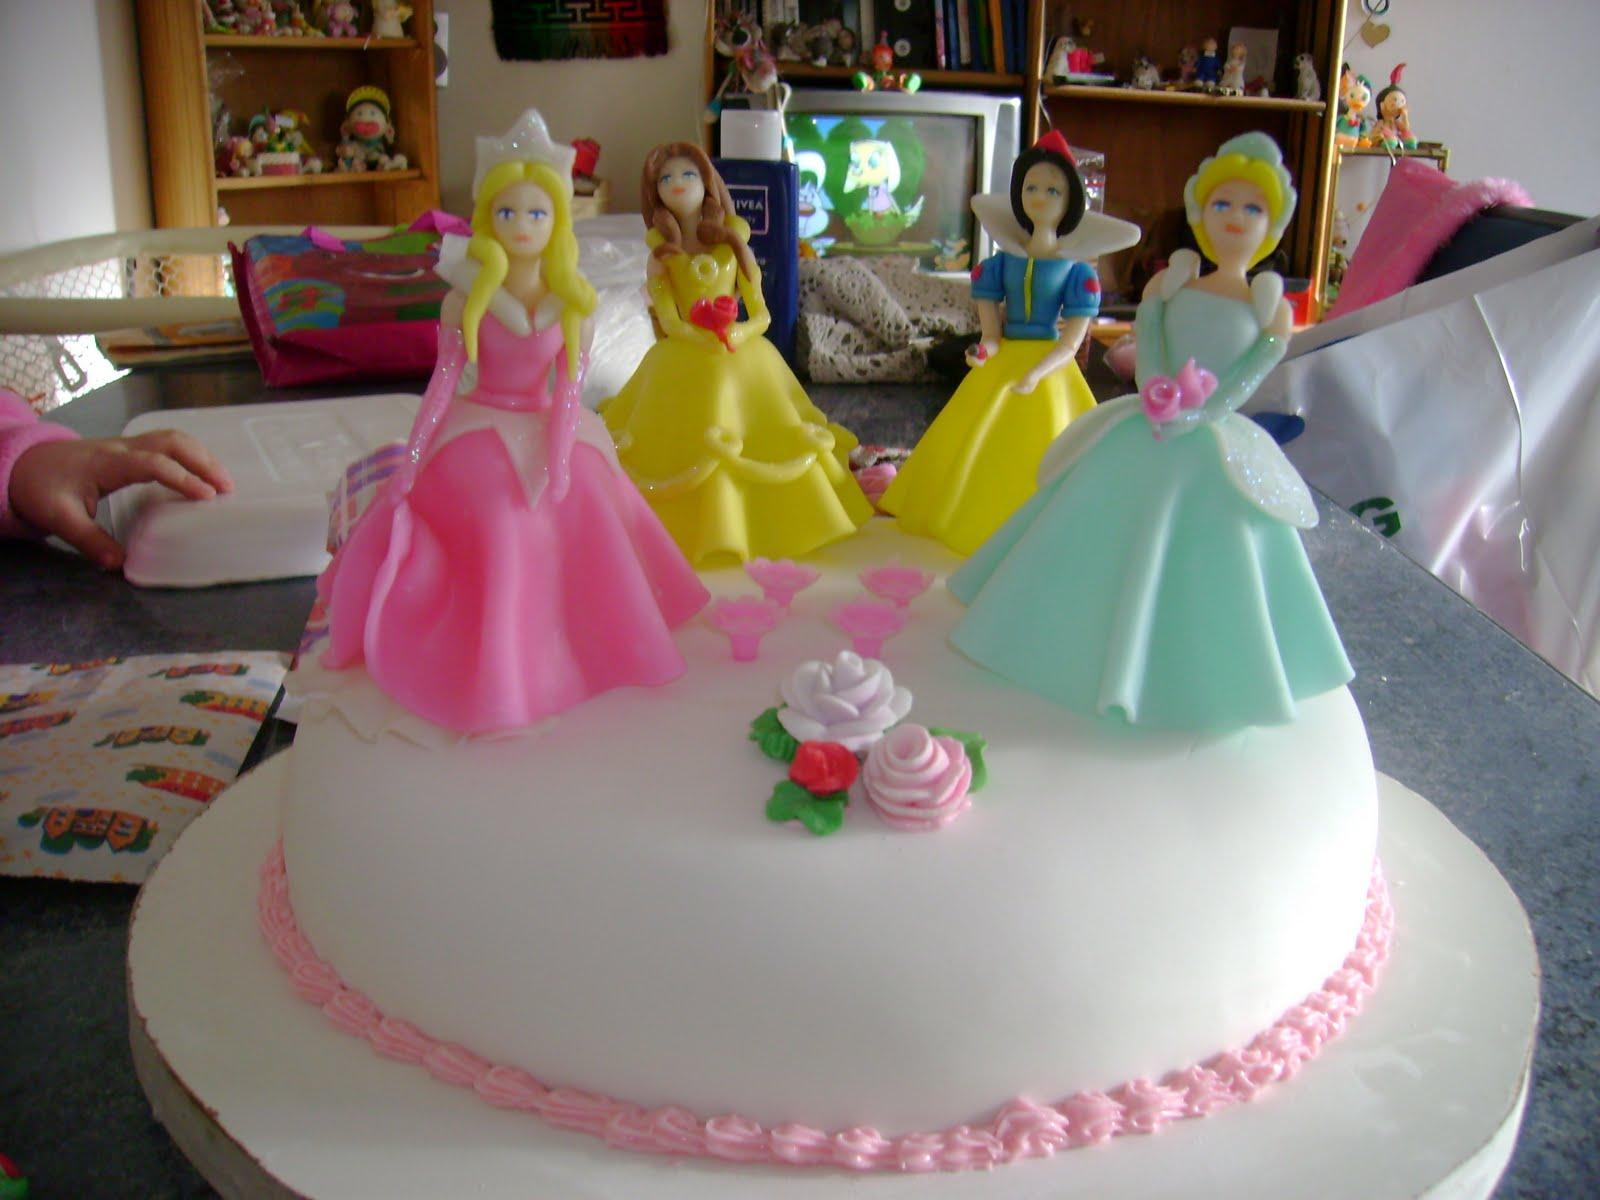 Tortas decoradas con princesas - Imagui